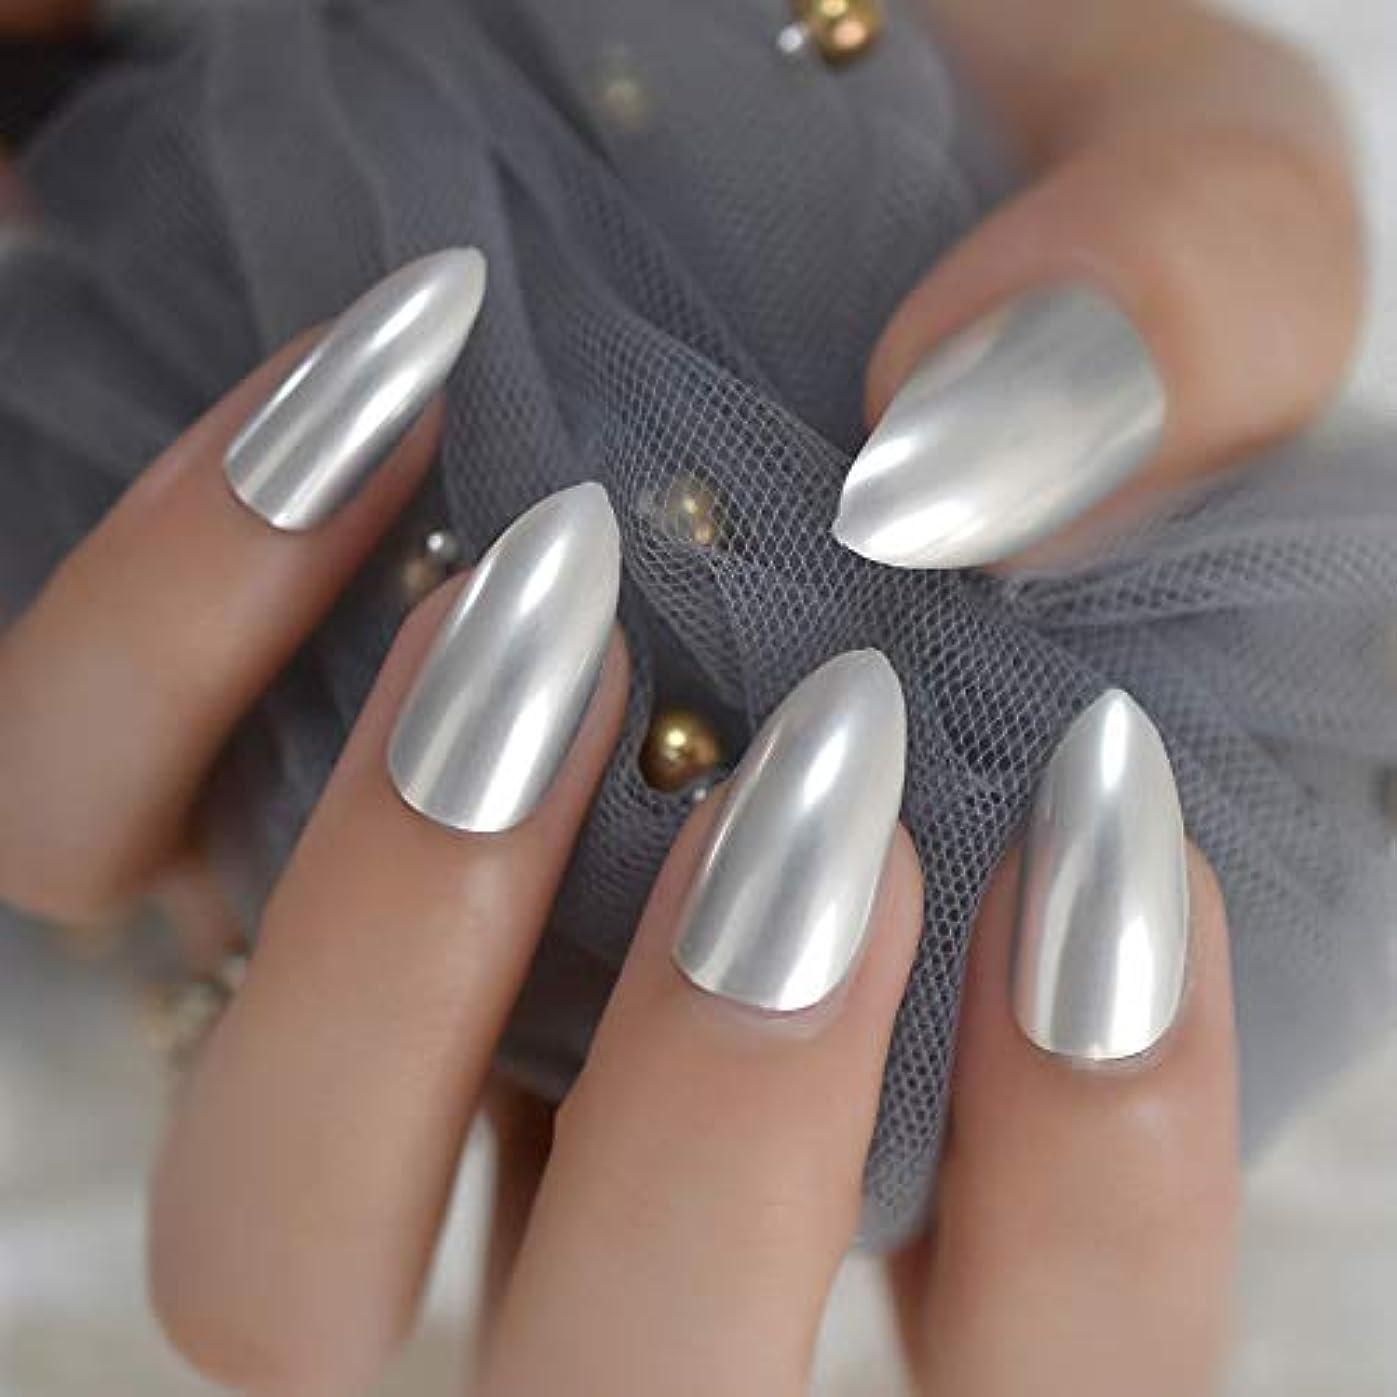 付き添い人乳白シェードXUTXZKA ミラーネイルシルバーメタリック人工爪毎日着用